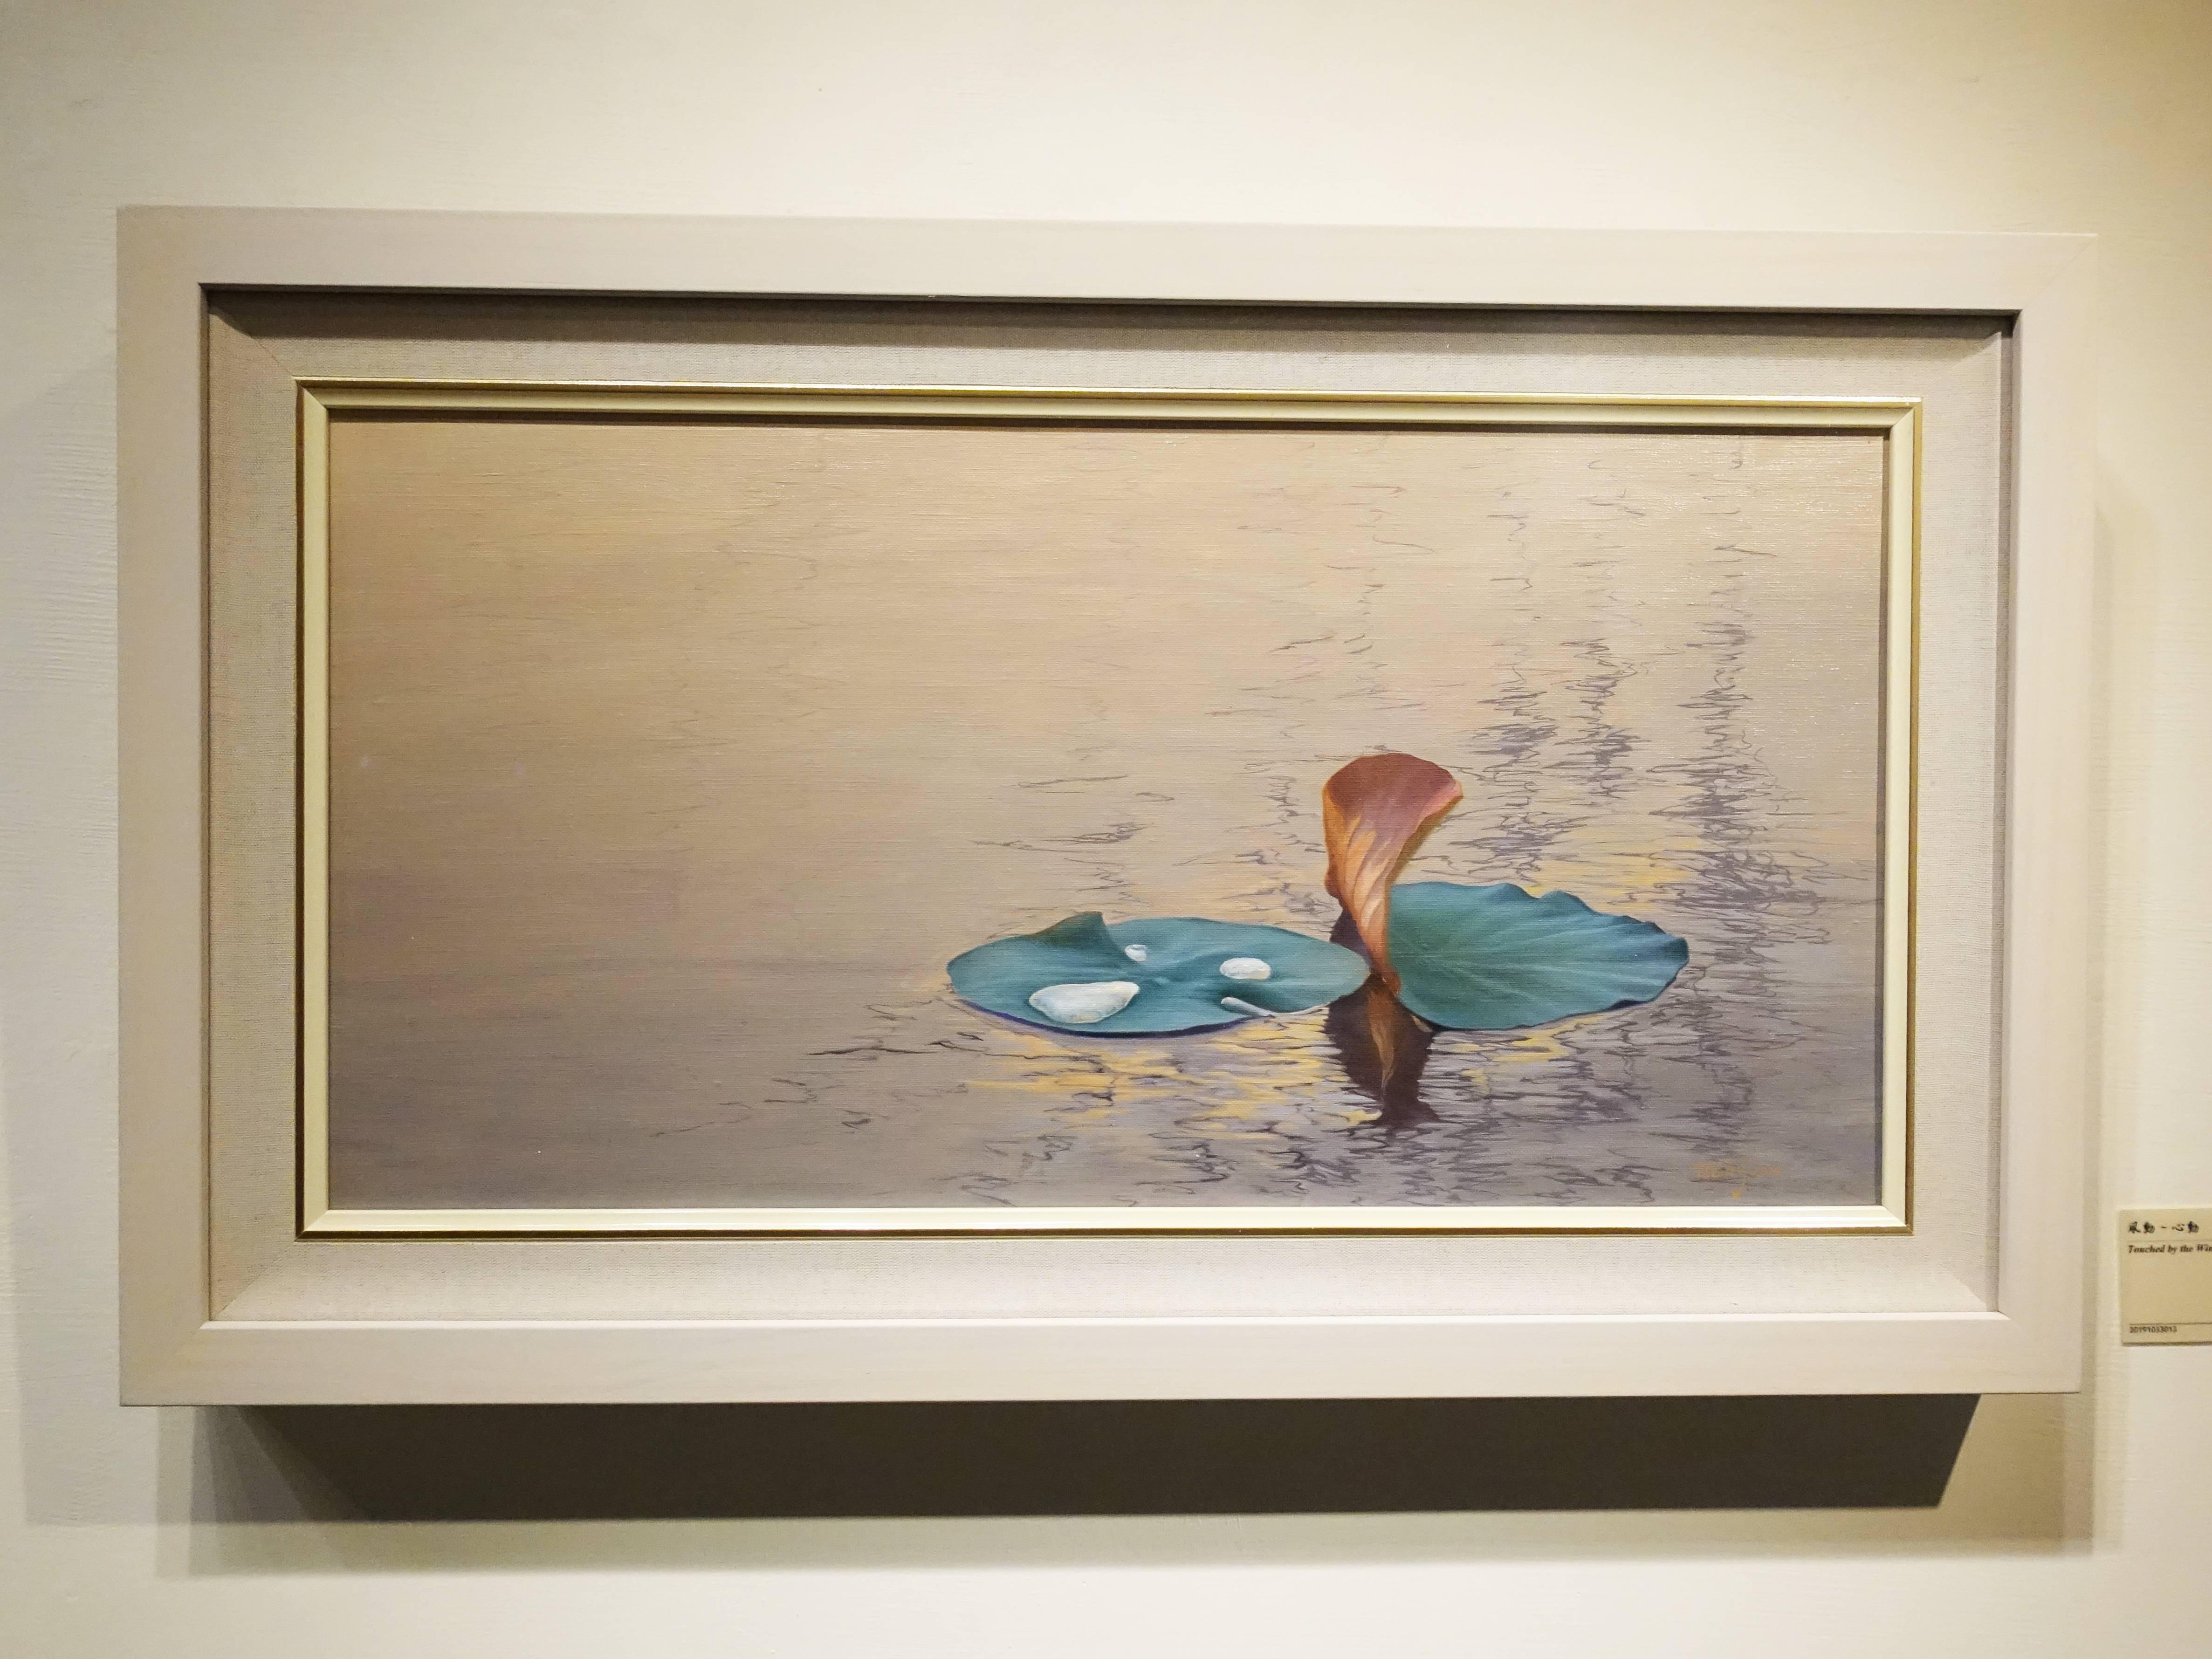 曾雅玲,《風動-心動》,60.5x31cm,油彩、畫布,2017。